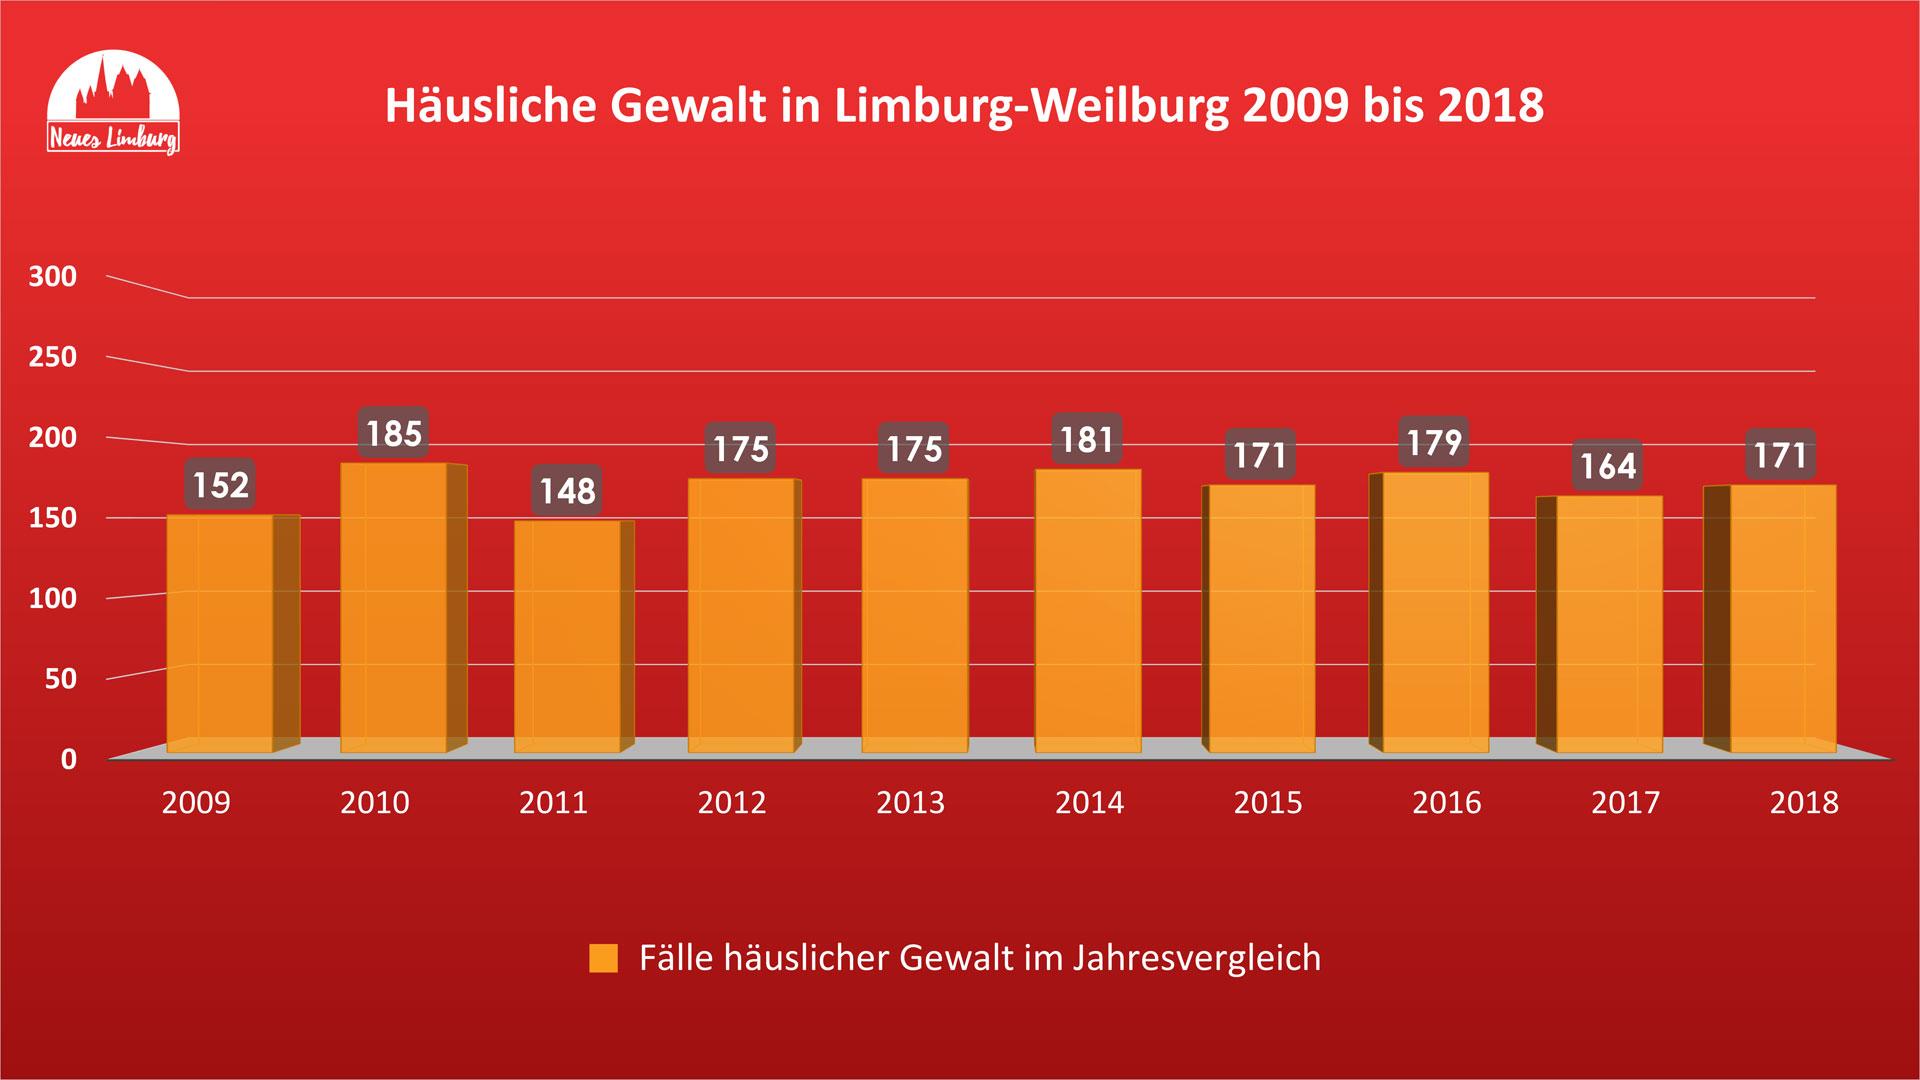 Häusliche Gewalt in Limburg-Weilburg 2009 bis 2018. © Neues Limburg